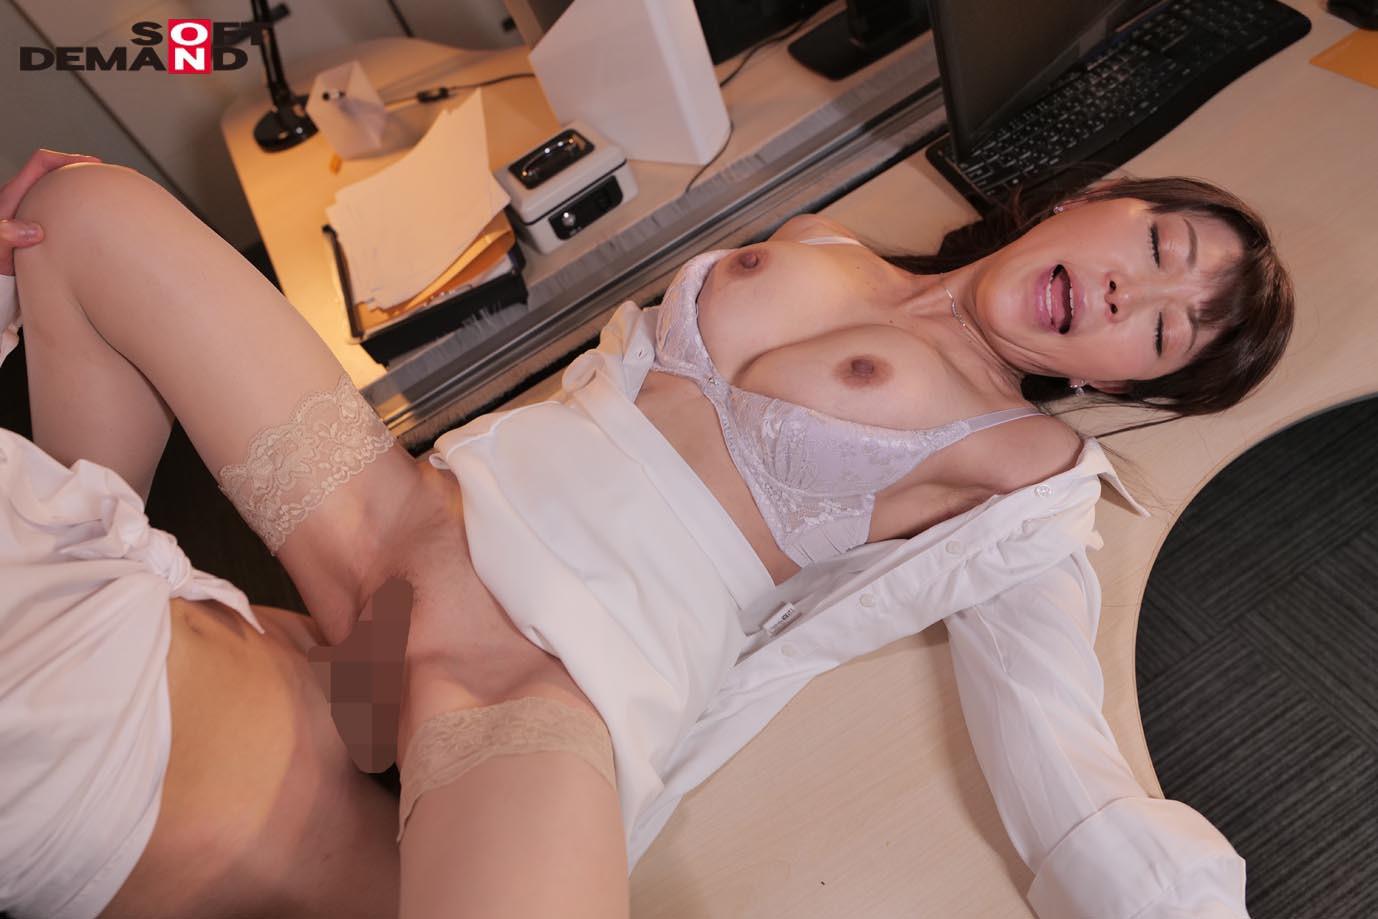 真昼間から若い部下のチ〇ポをしゃぶって、発情して濡れる女社長。旦那とセックスレスの人妻46歳。男子社員に淫乱な唇を使って不倫SEXにハマる・・・! 成咲優美 画像8